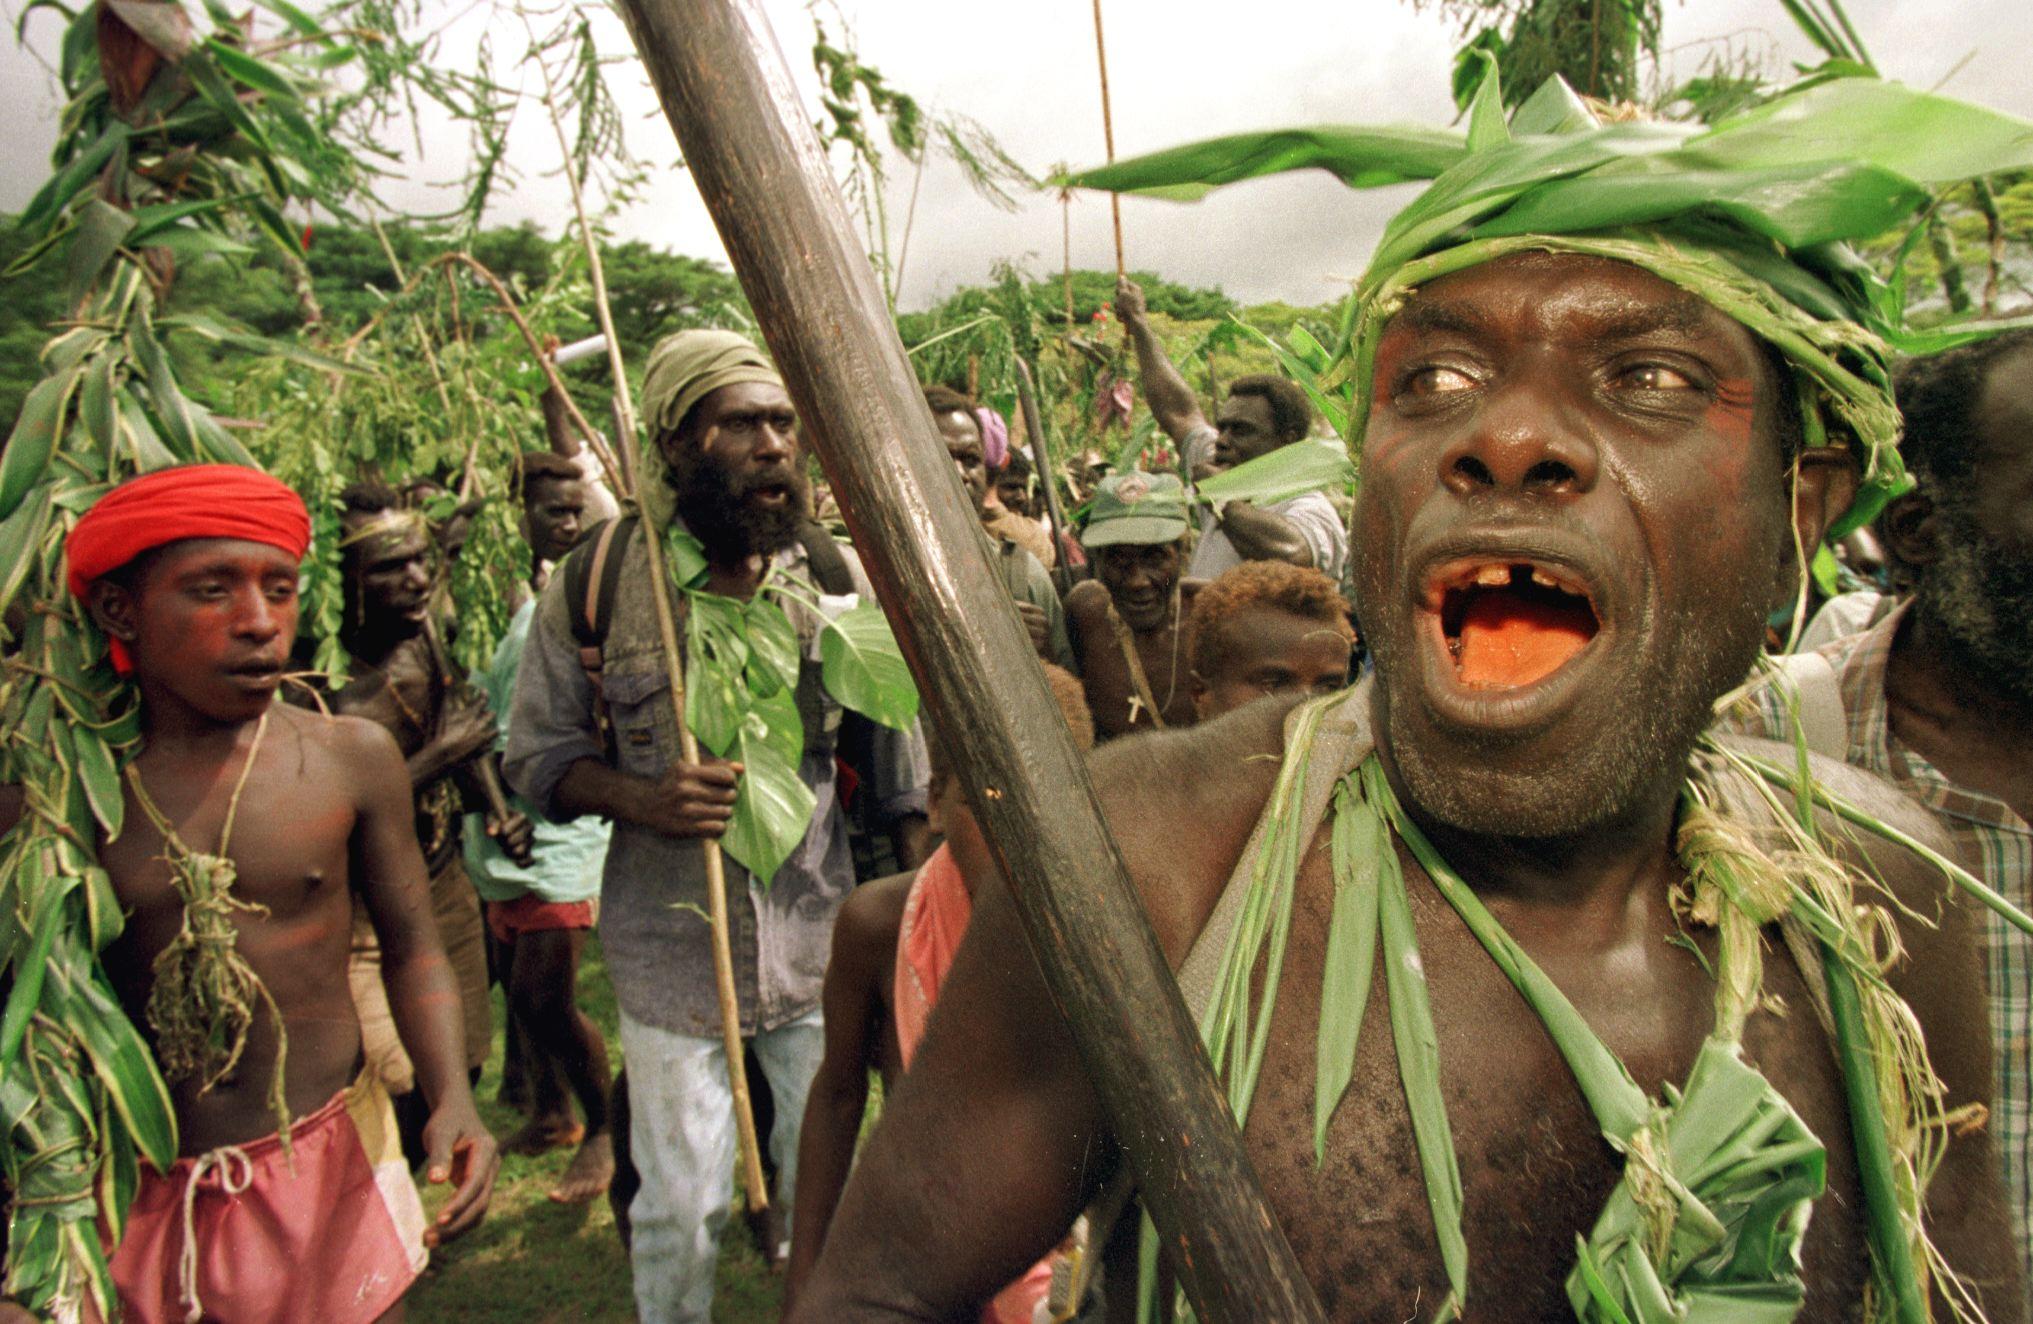 Bougainville guerrilla fighters